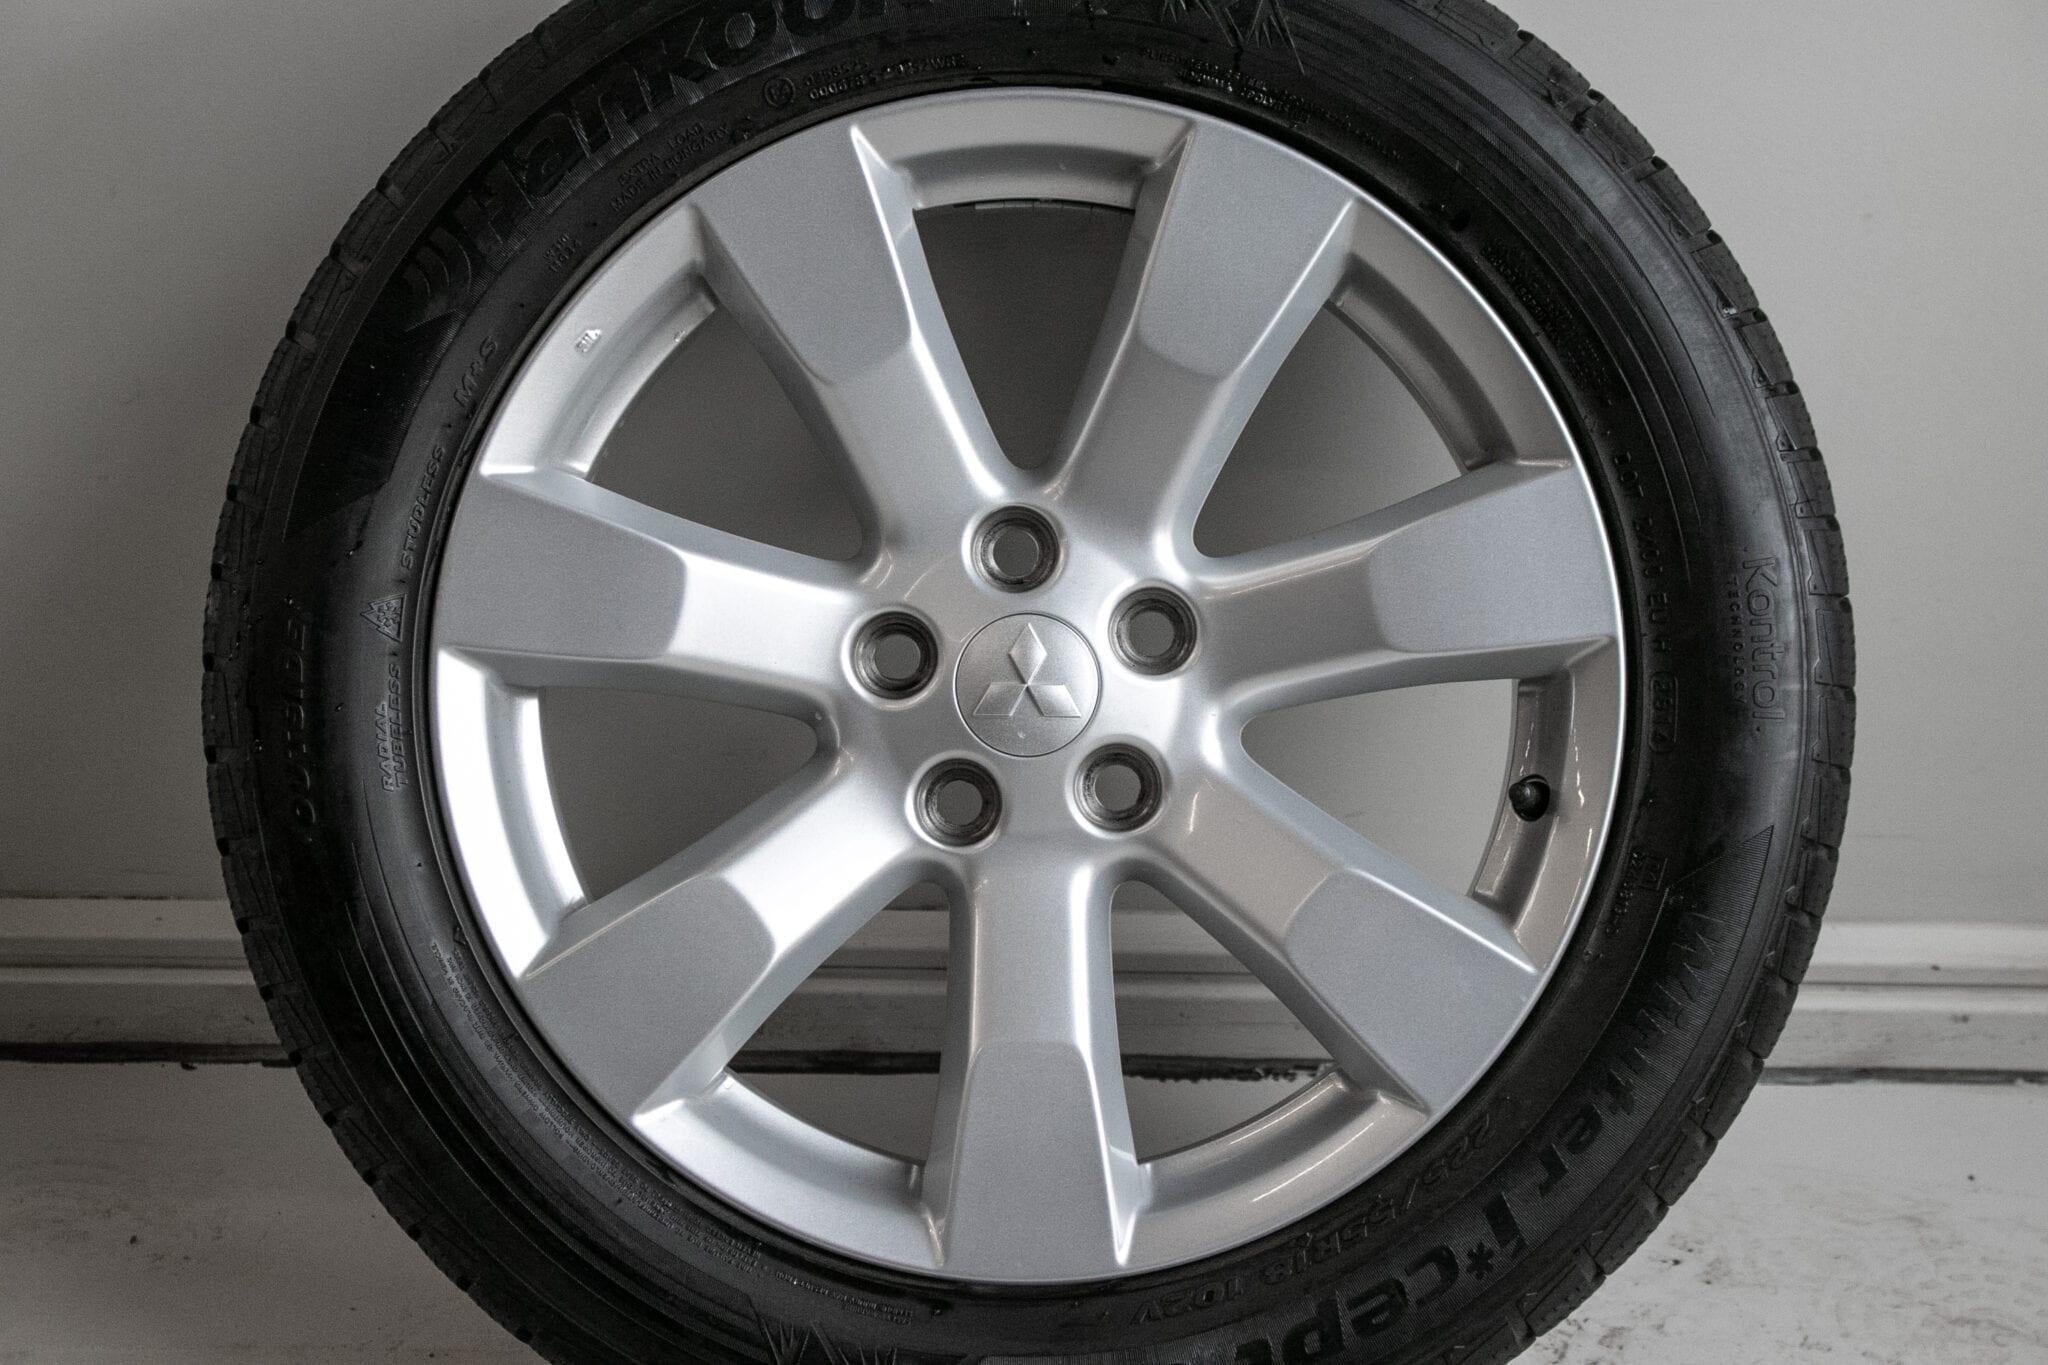 """18"""" Winterwielen voor een Mitsubishi Outlander (PHEV)  €399,- Gebruikt."""